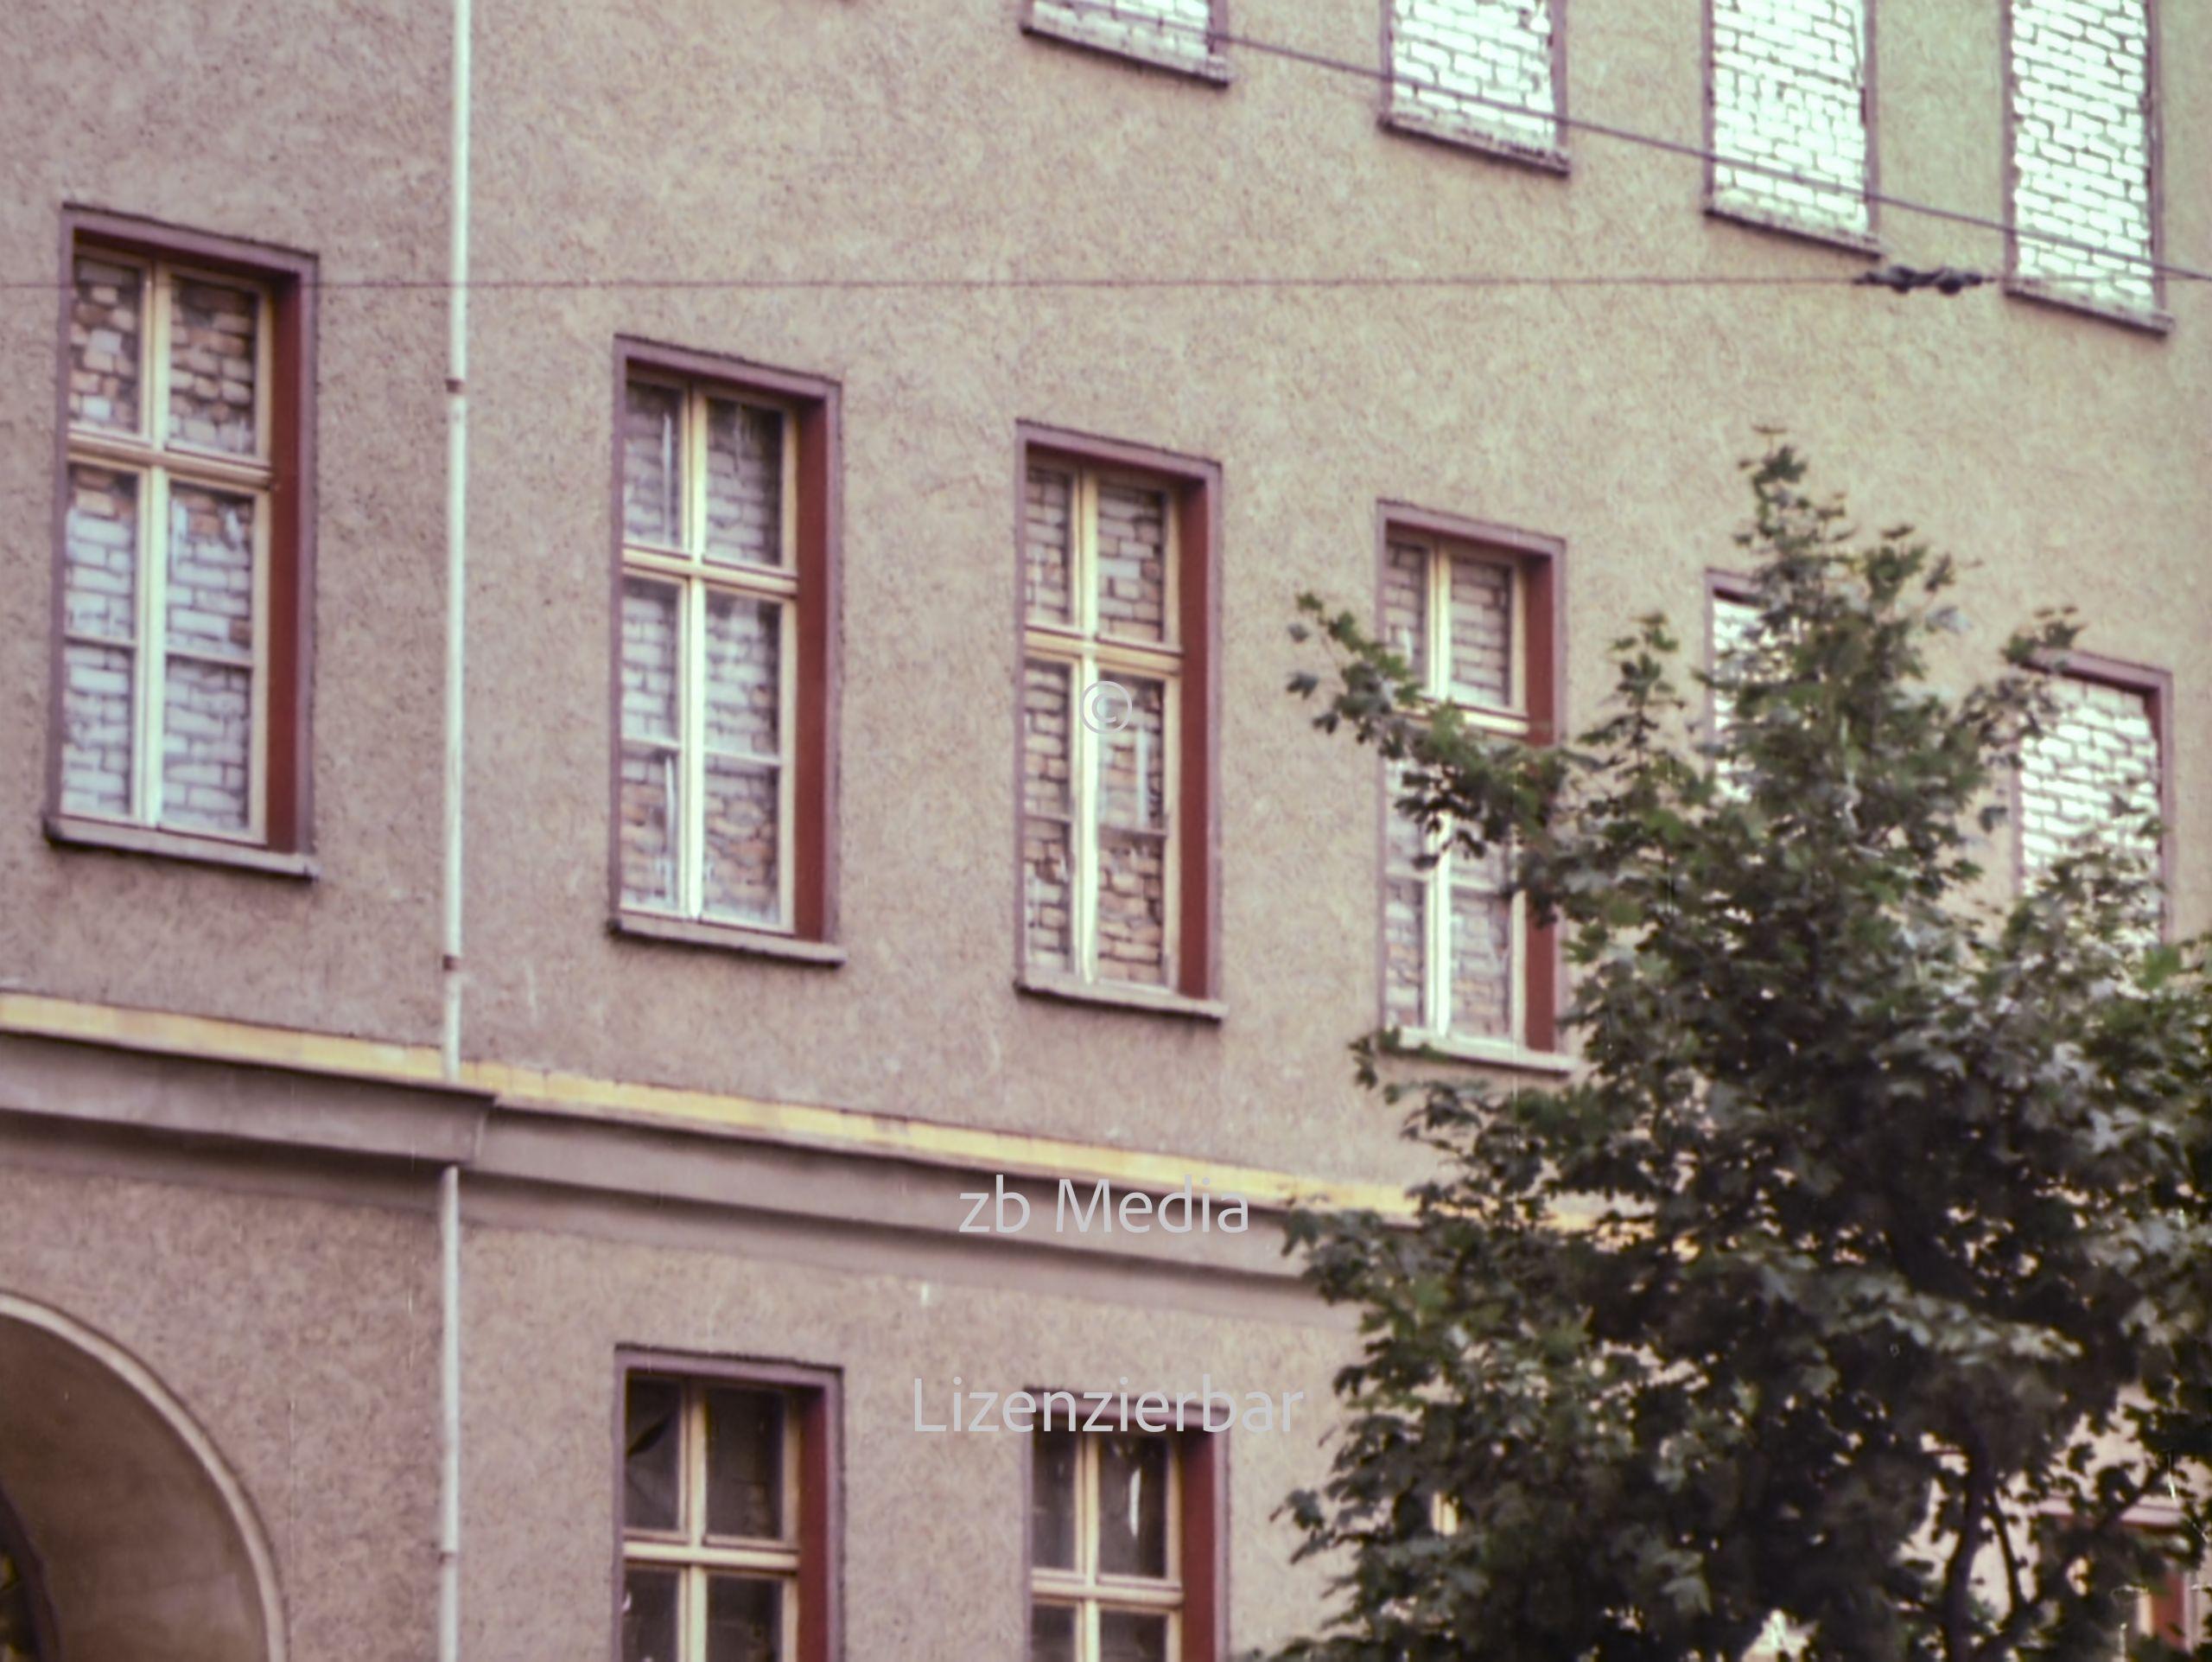 Zugemauerte Fassaden an der Berliner Mauer 1961